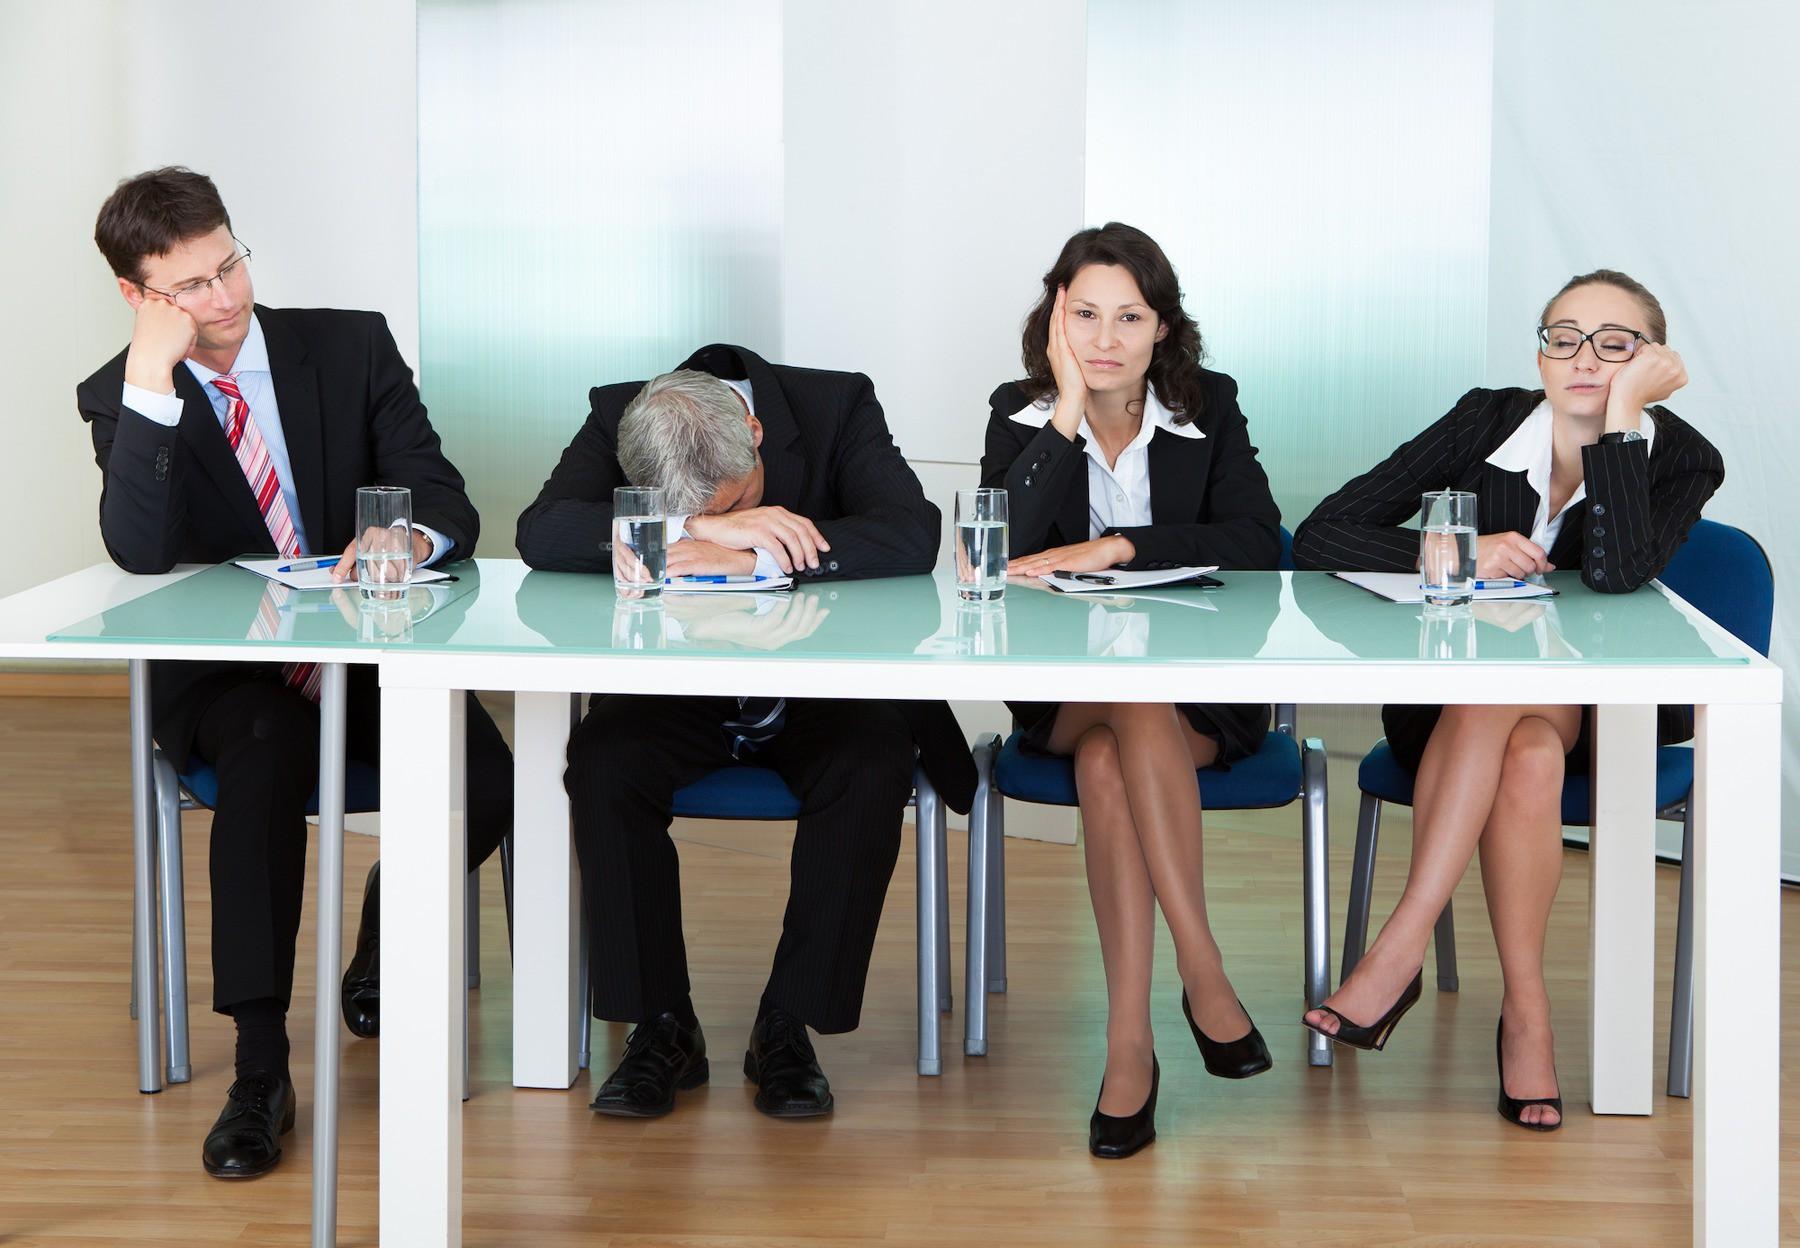 (VIDEO) Denk na voor je een vergadering organiseert